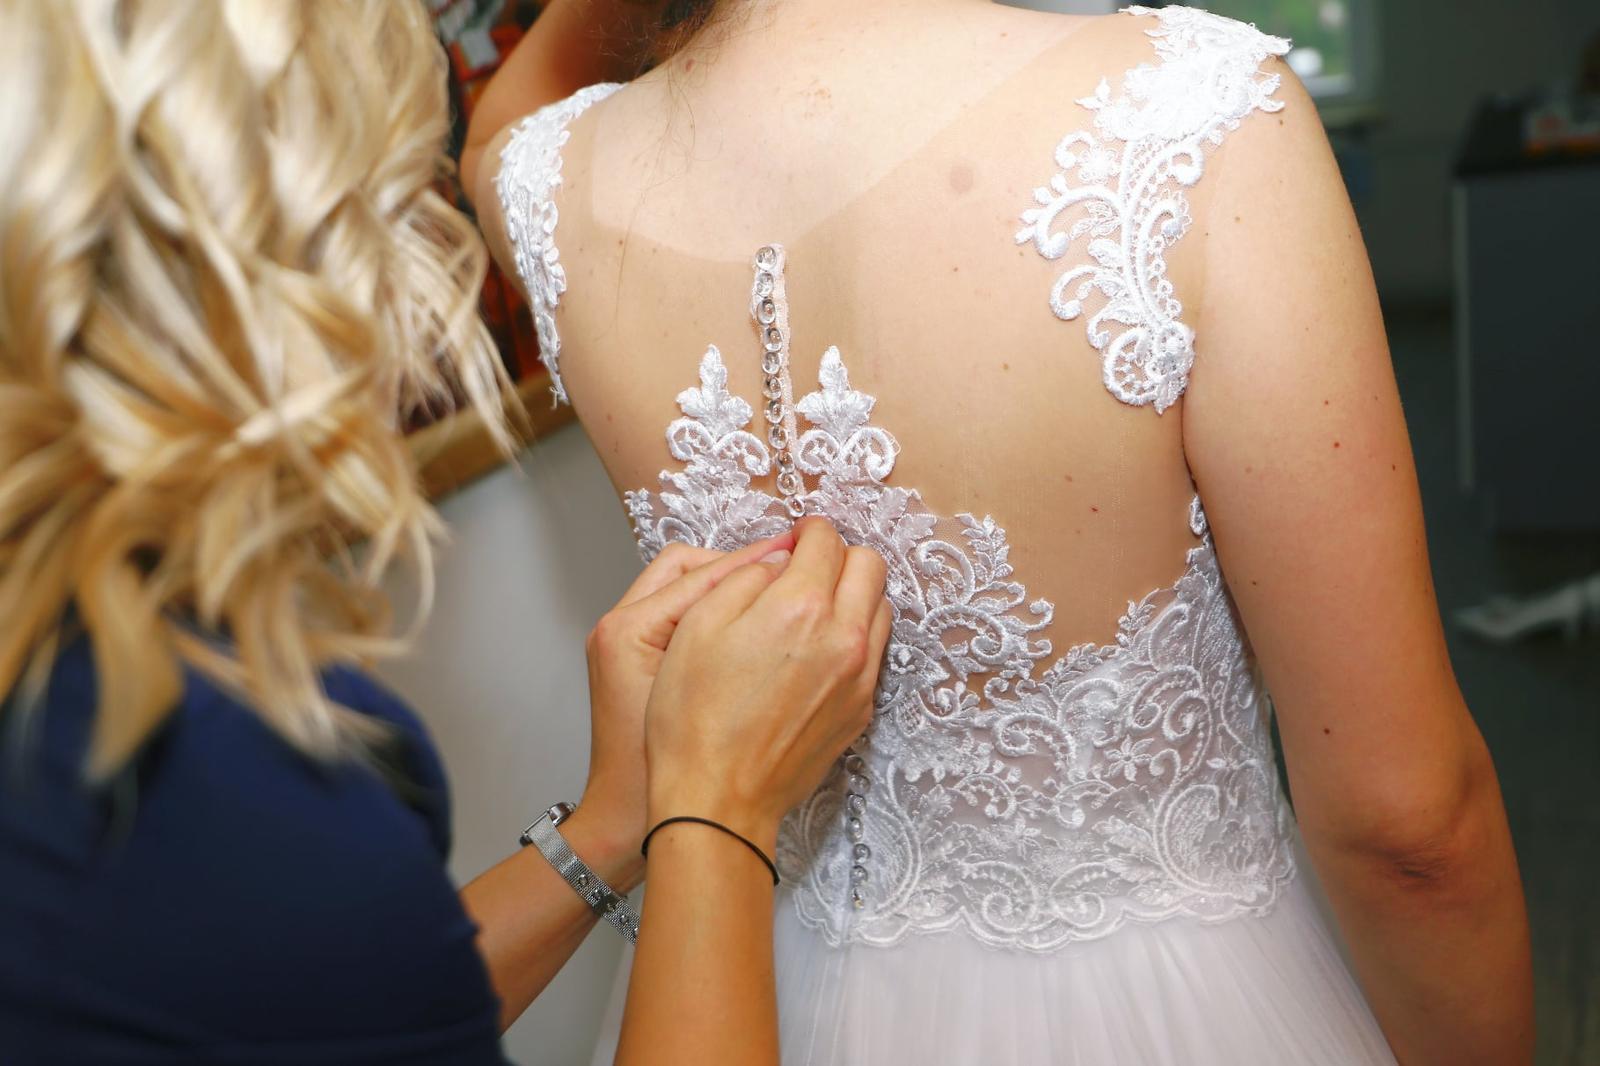 Svatební šaty 40/42 s krásnou krajkou a hladkou sukní - Obrázek č. 1